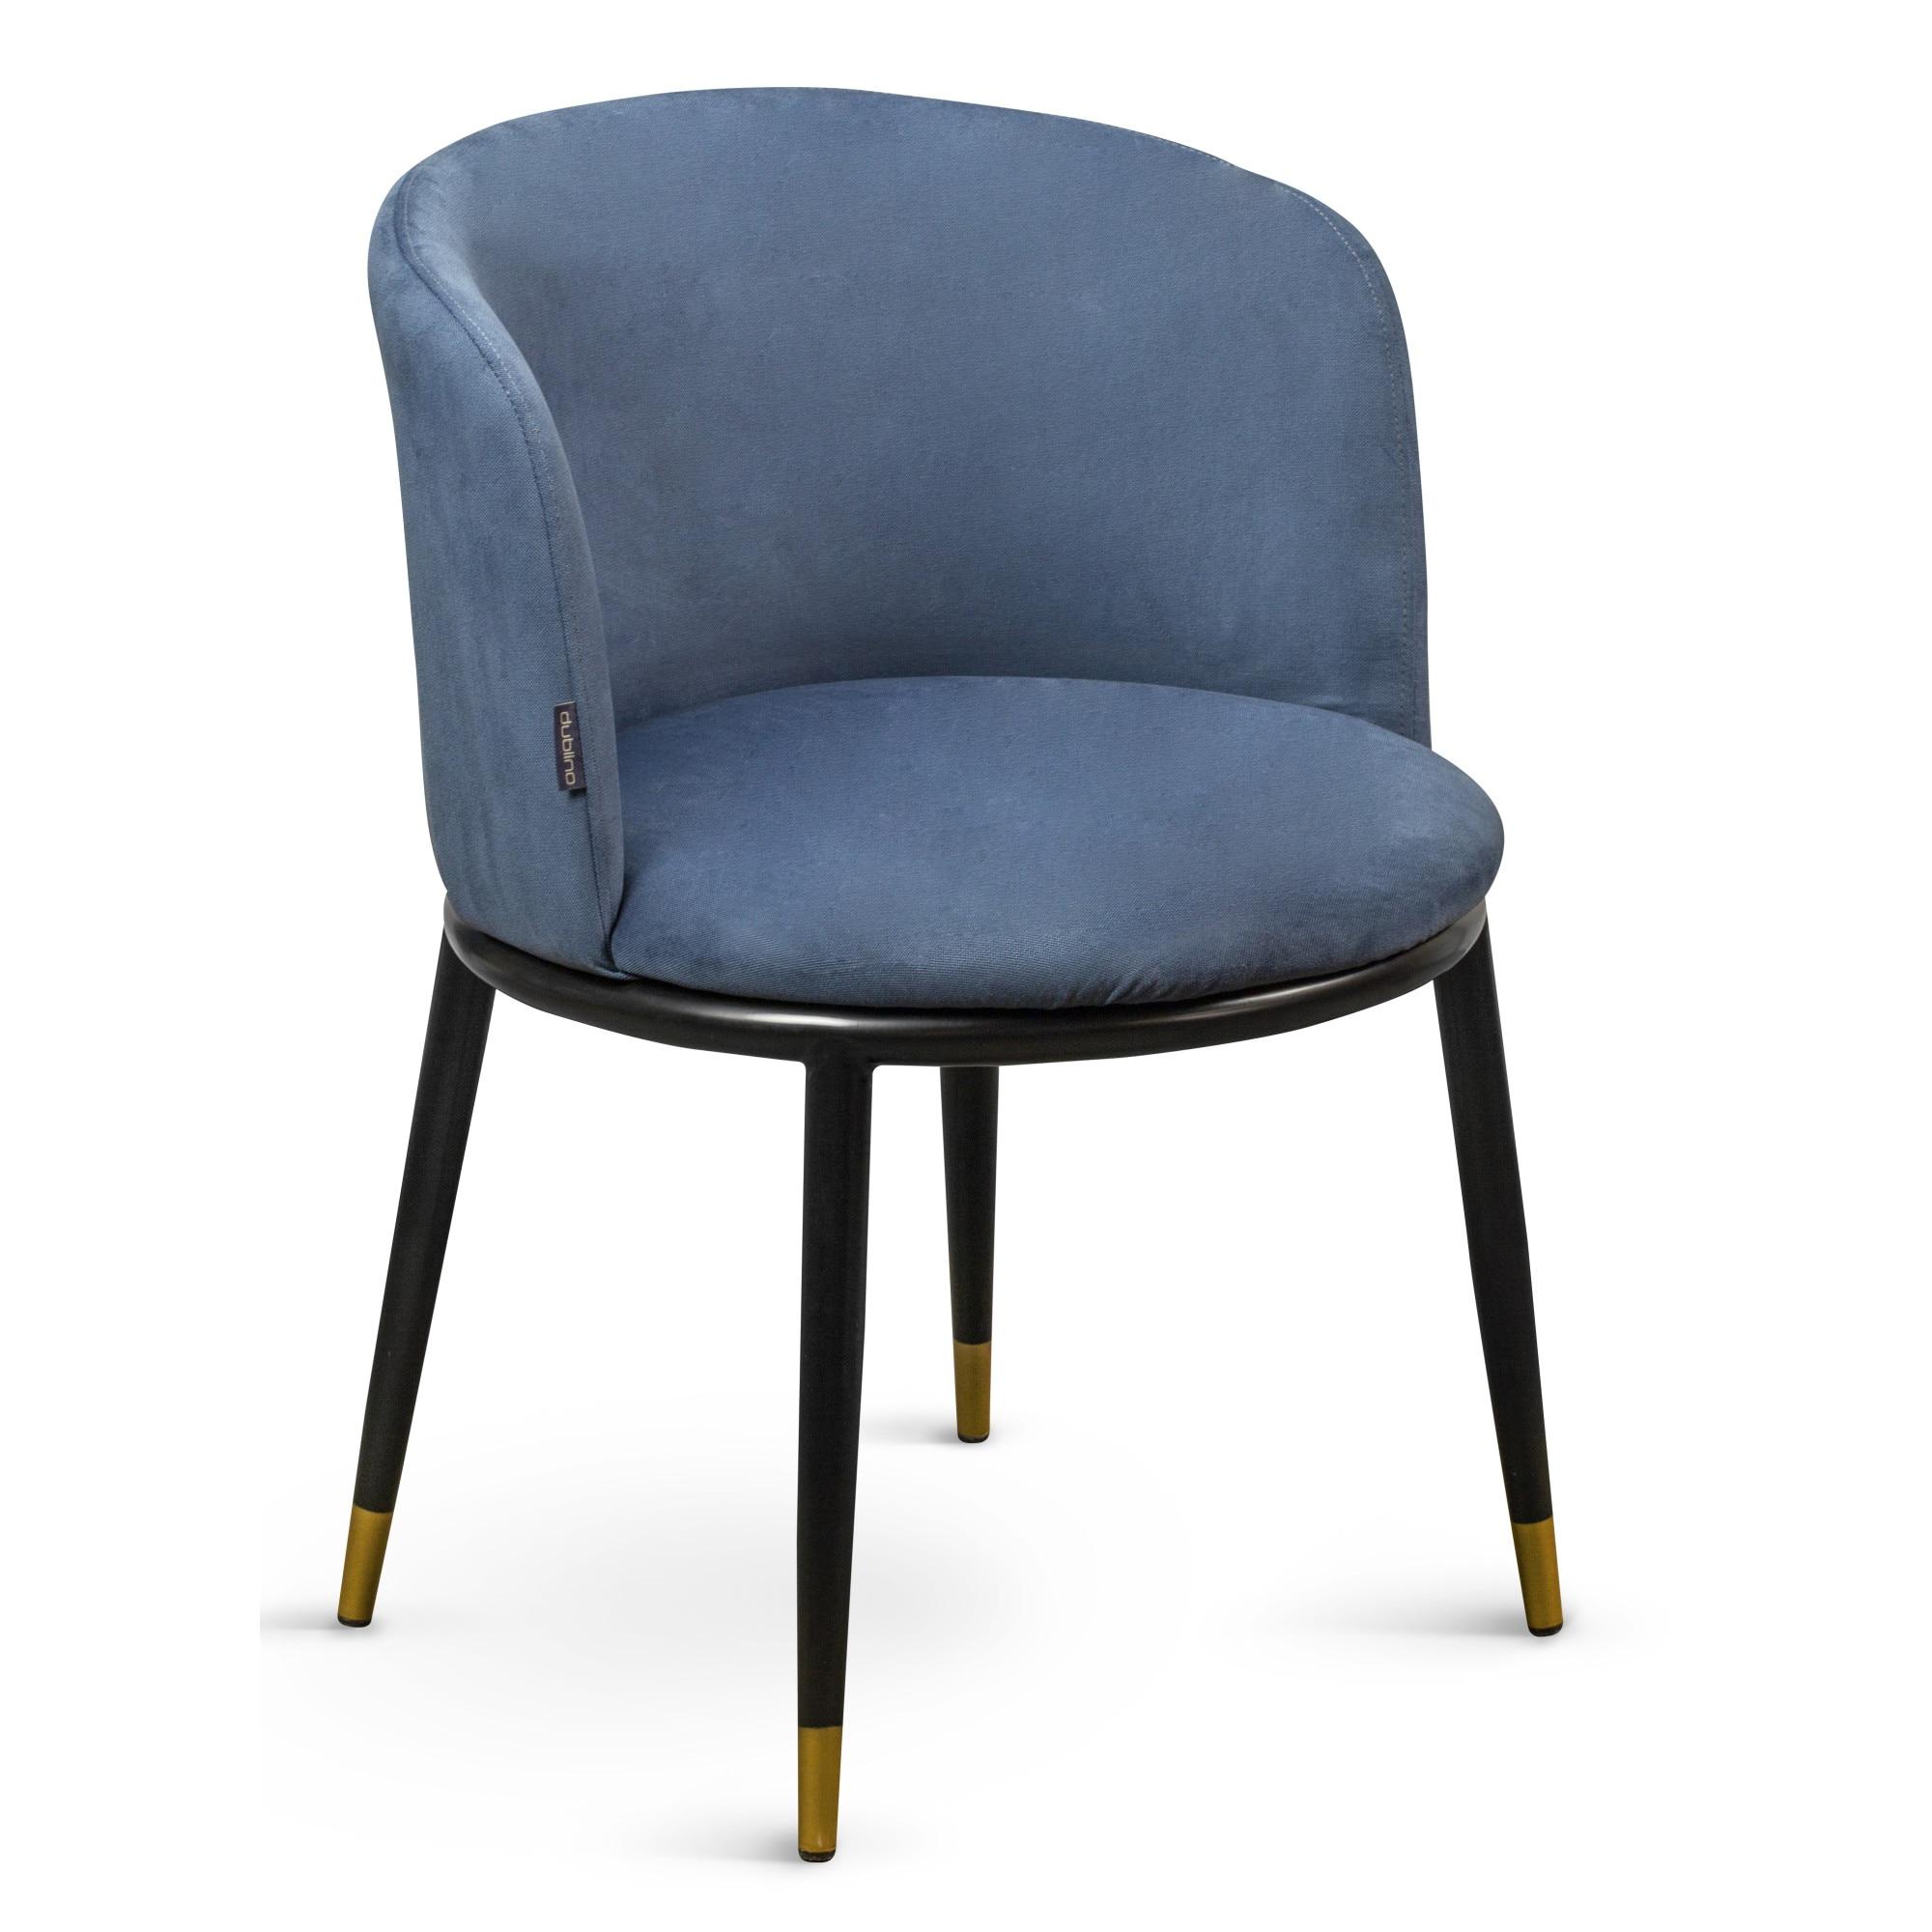 Dublino Dl Moon Navy Blue fém vázas kárpitos szék